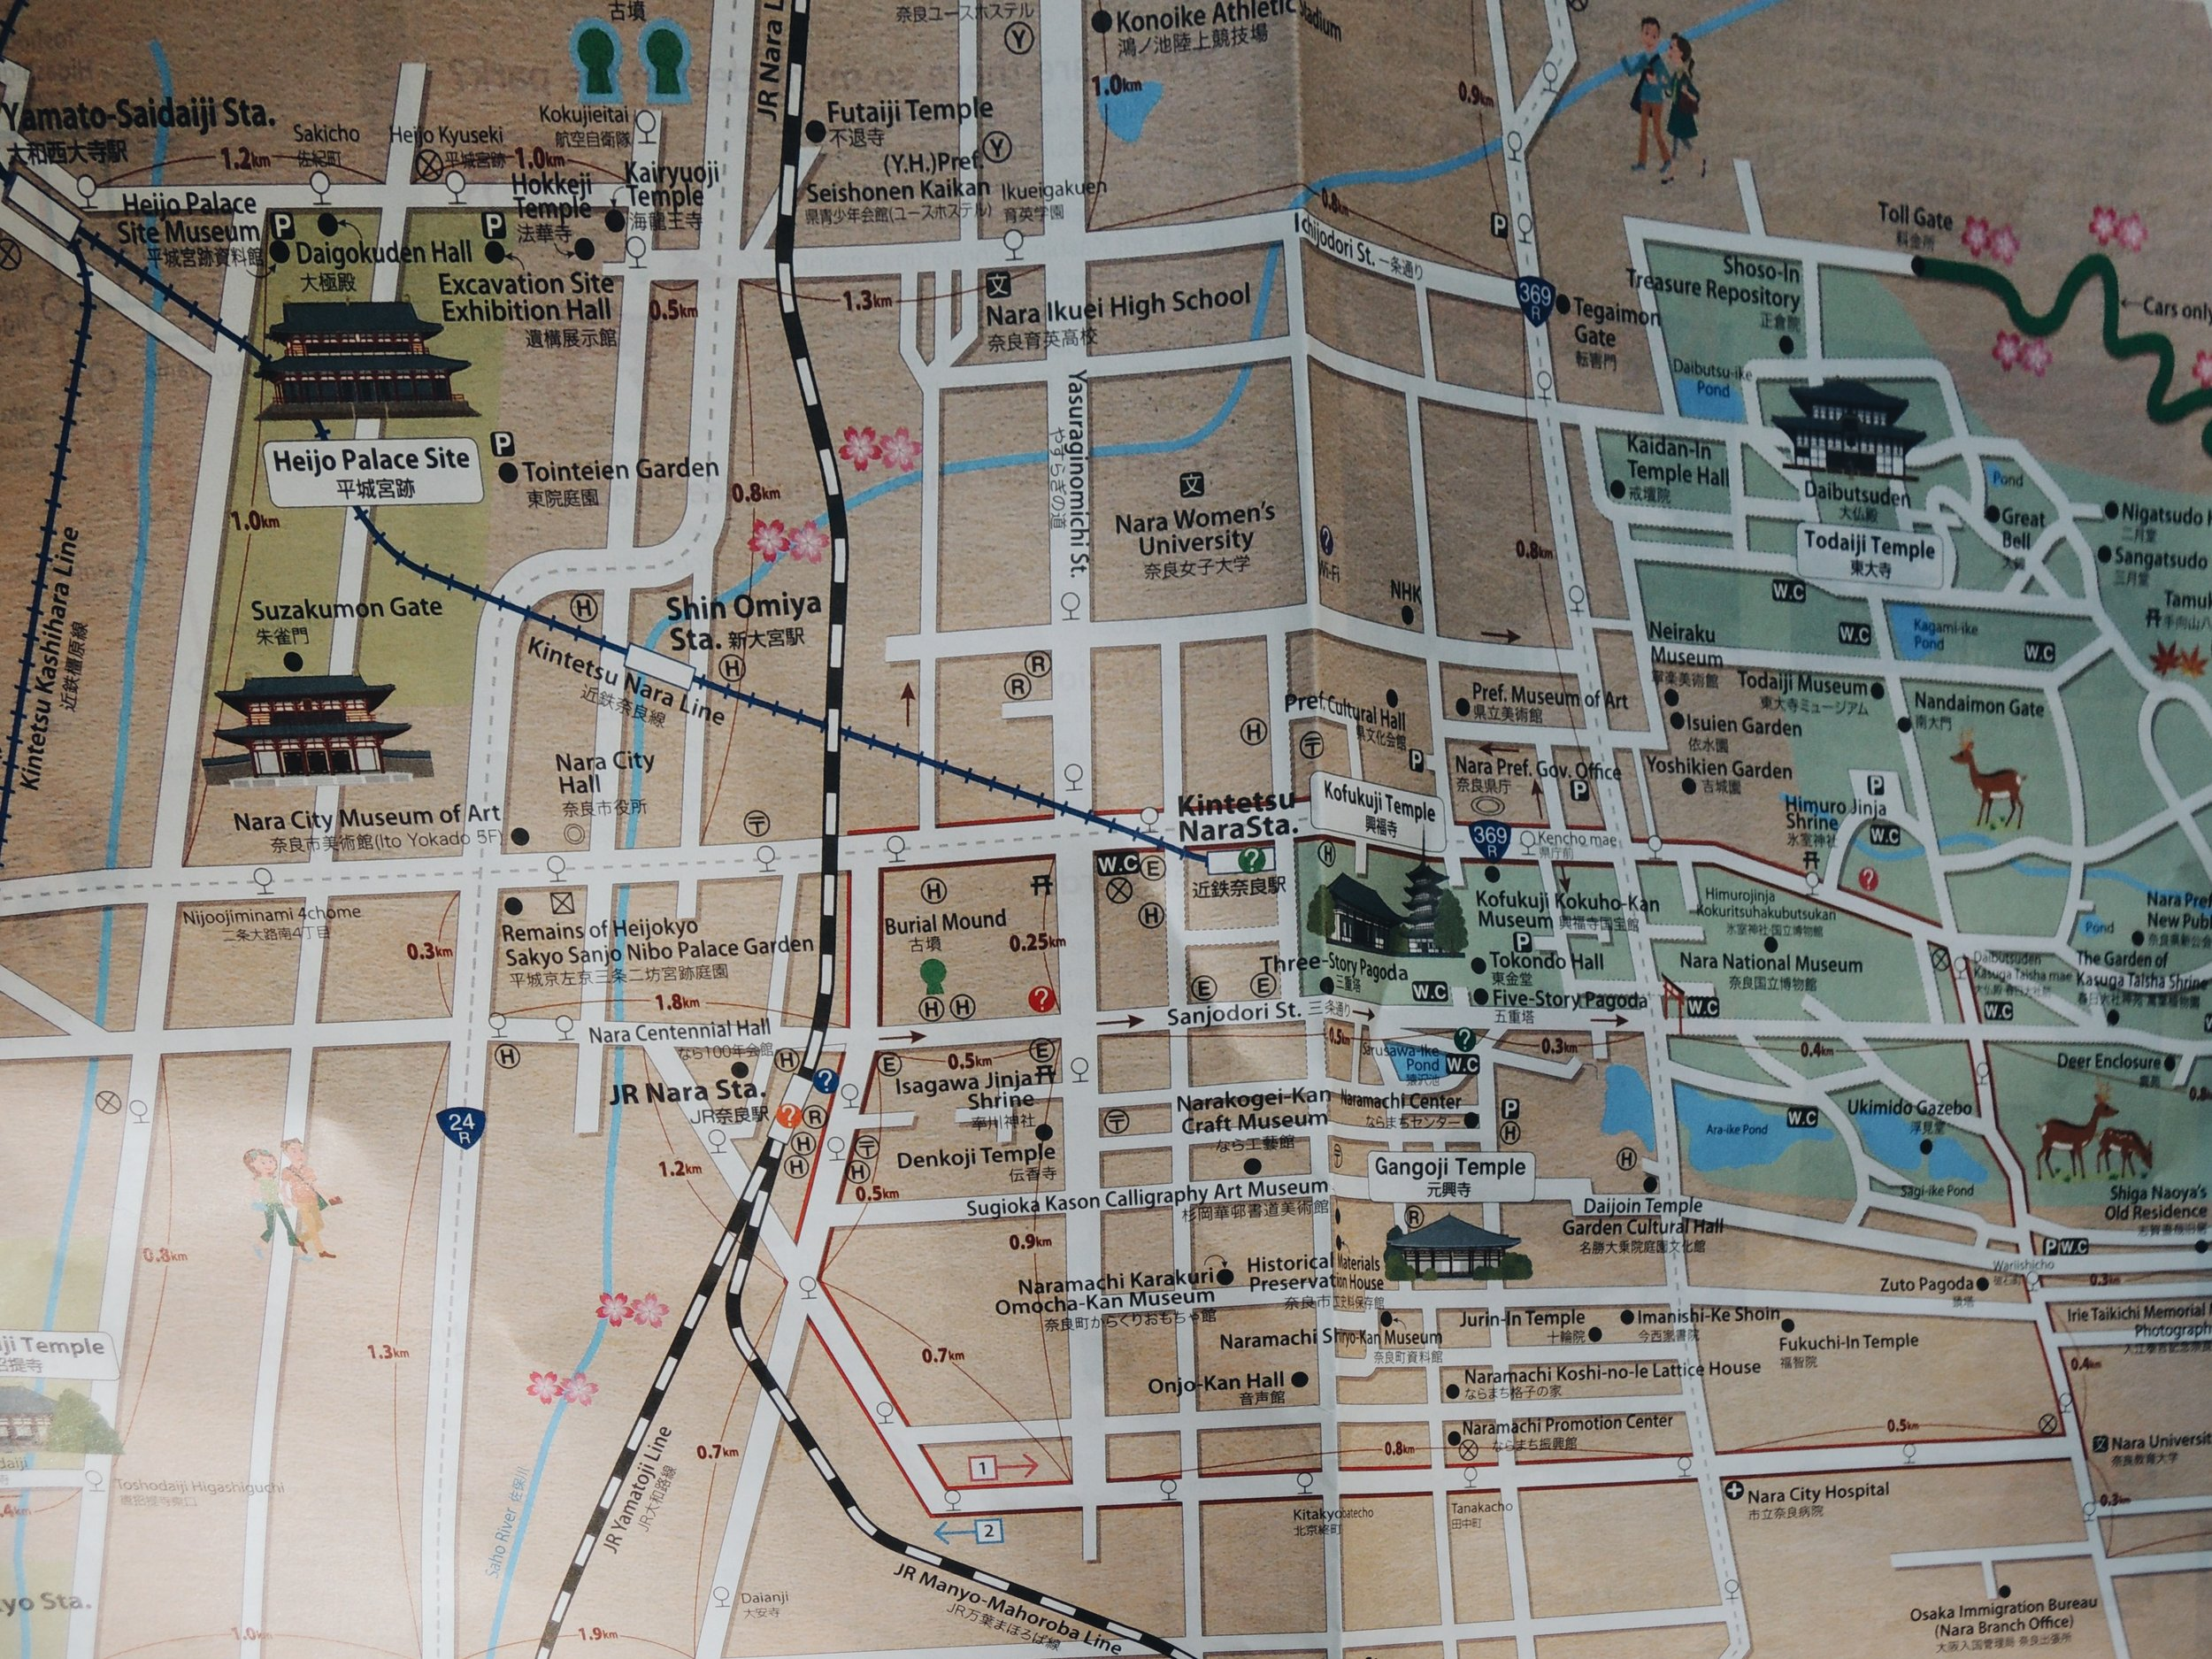 Nara's sightseeing map